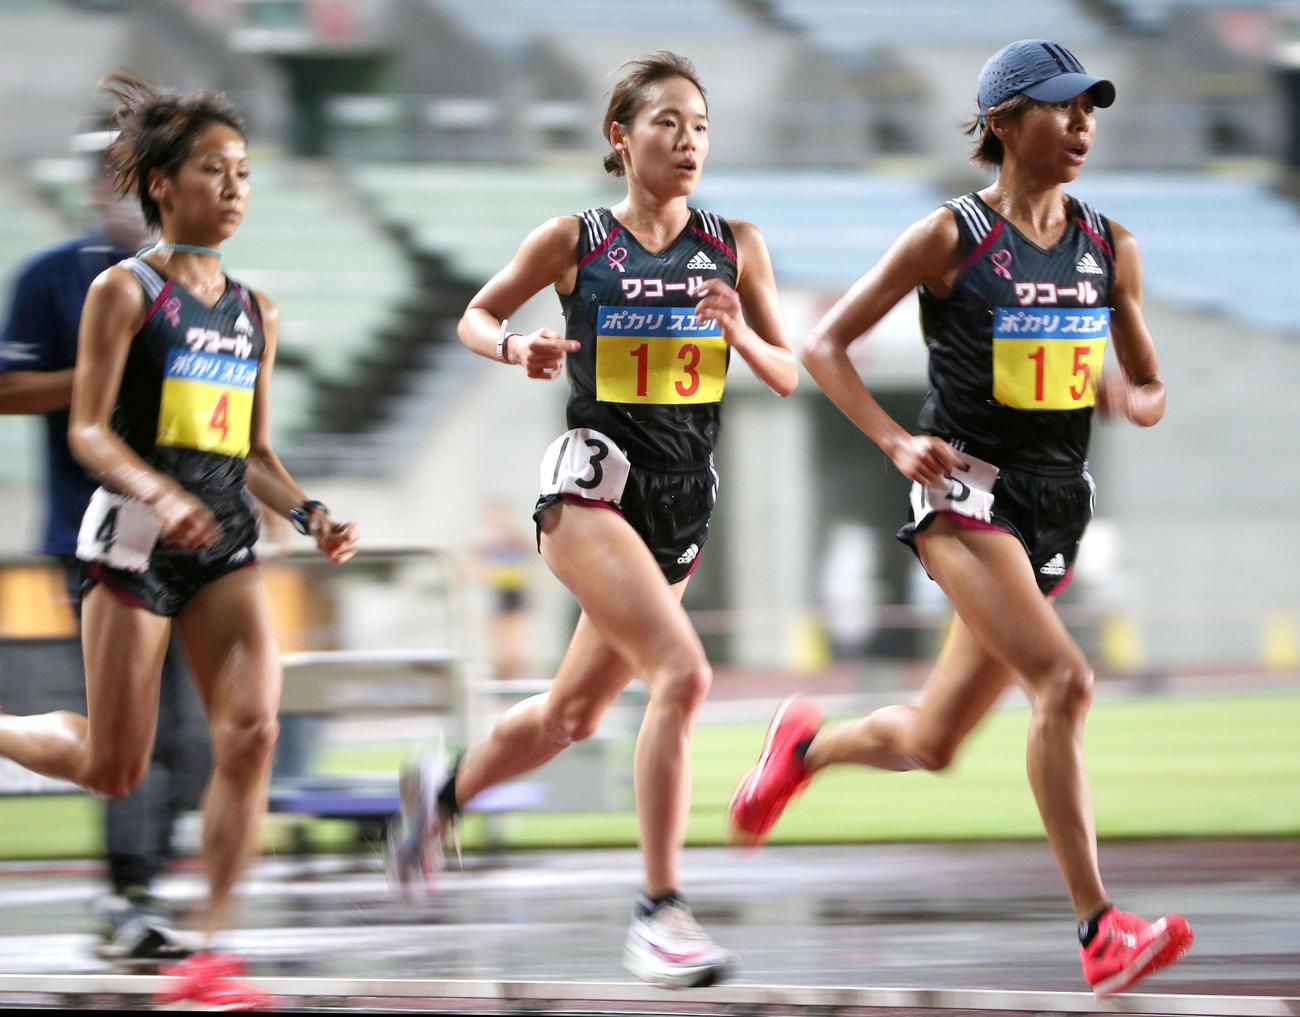 女子1万メートル決勝 女子1万メートル決勝 力走する、左から安藤友香、一山麻緒、福士加代子(撮影・上山淳一)